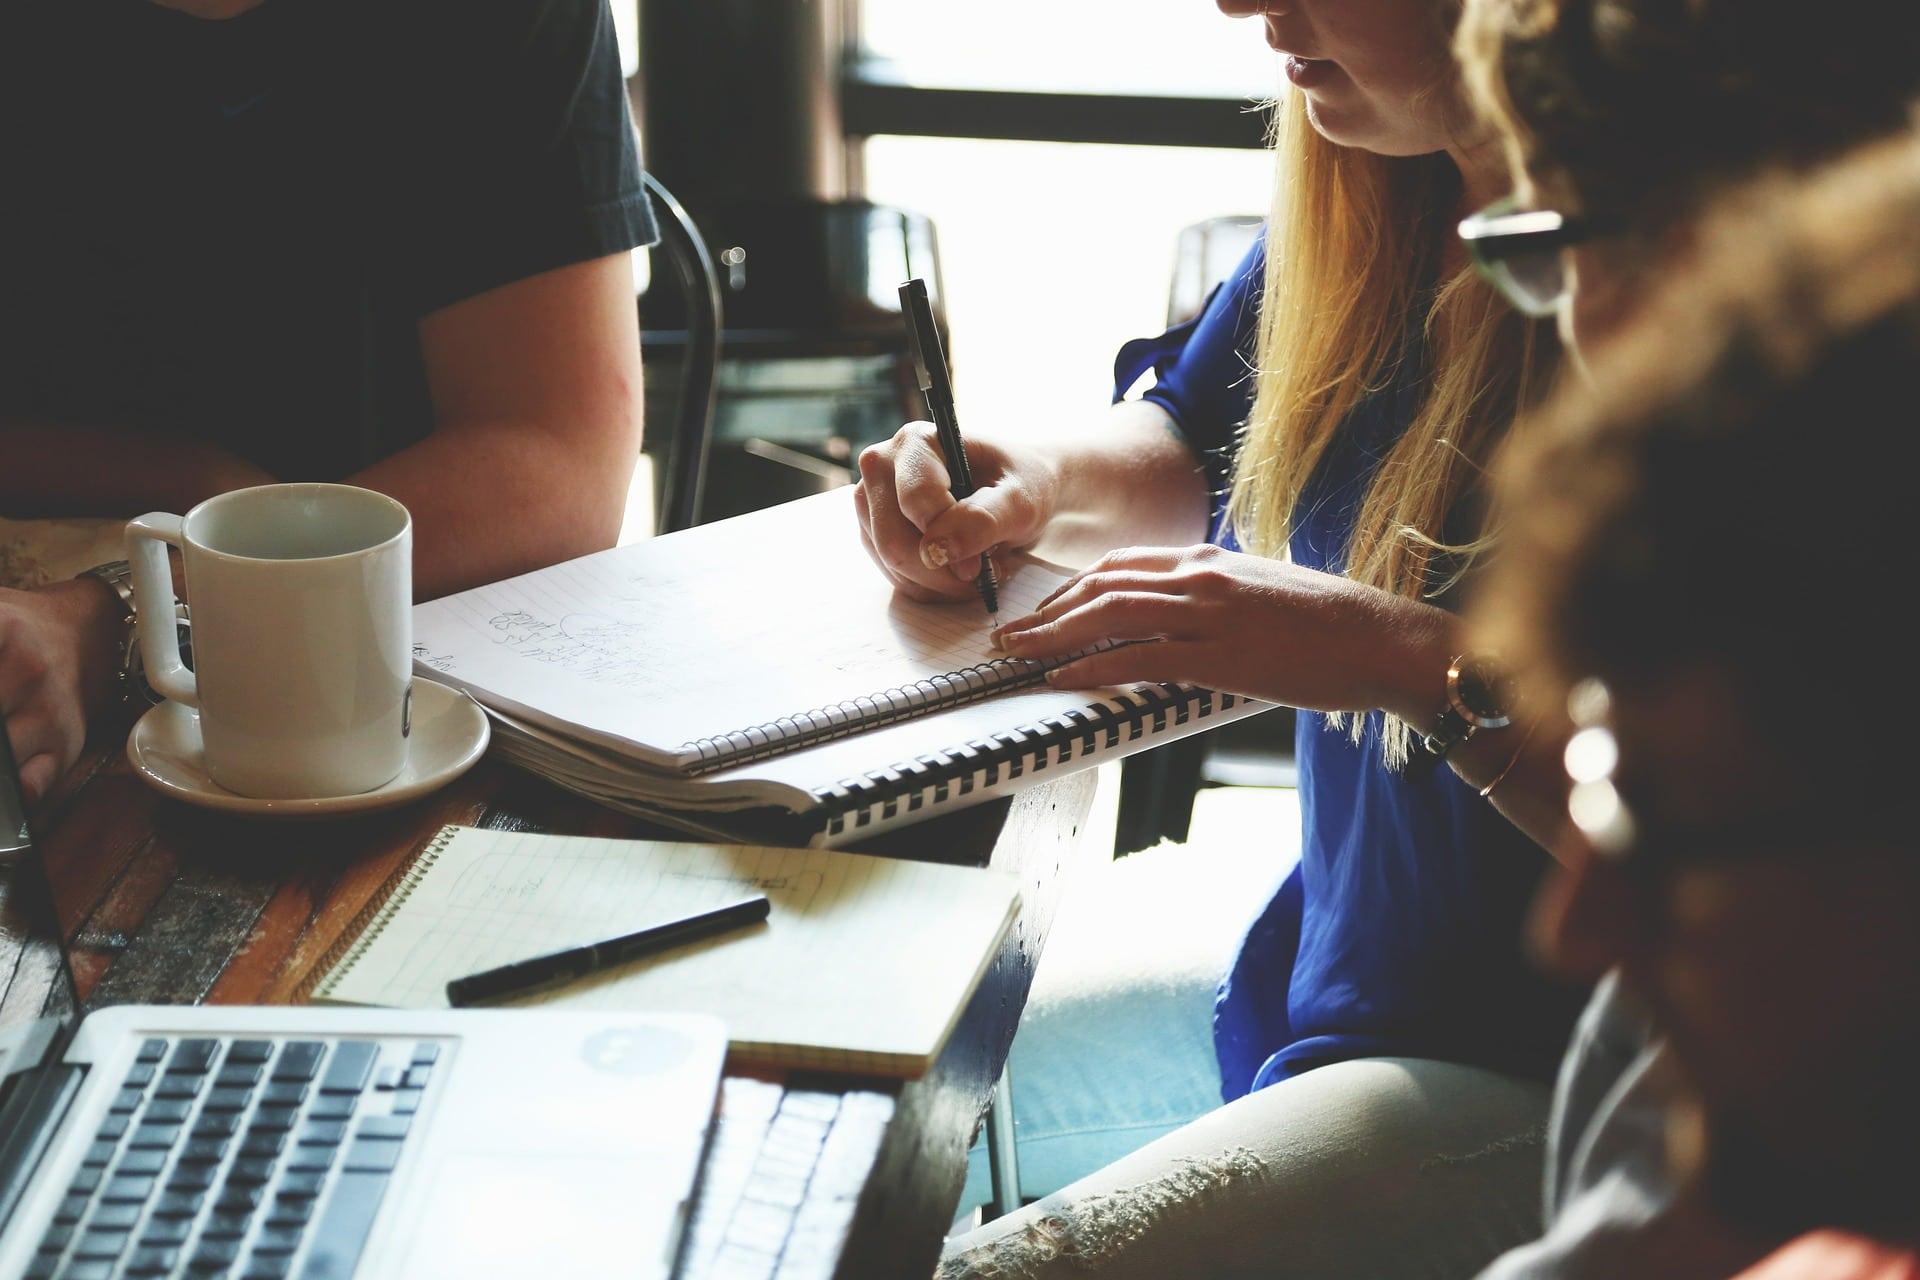 webinaire sur la formation des talents en entreprise